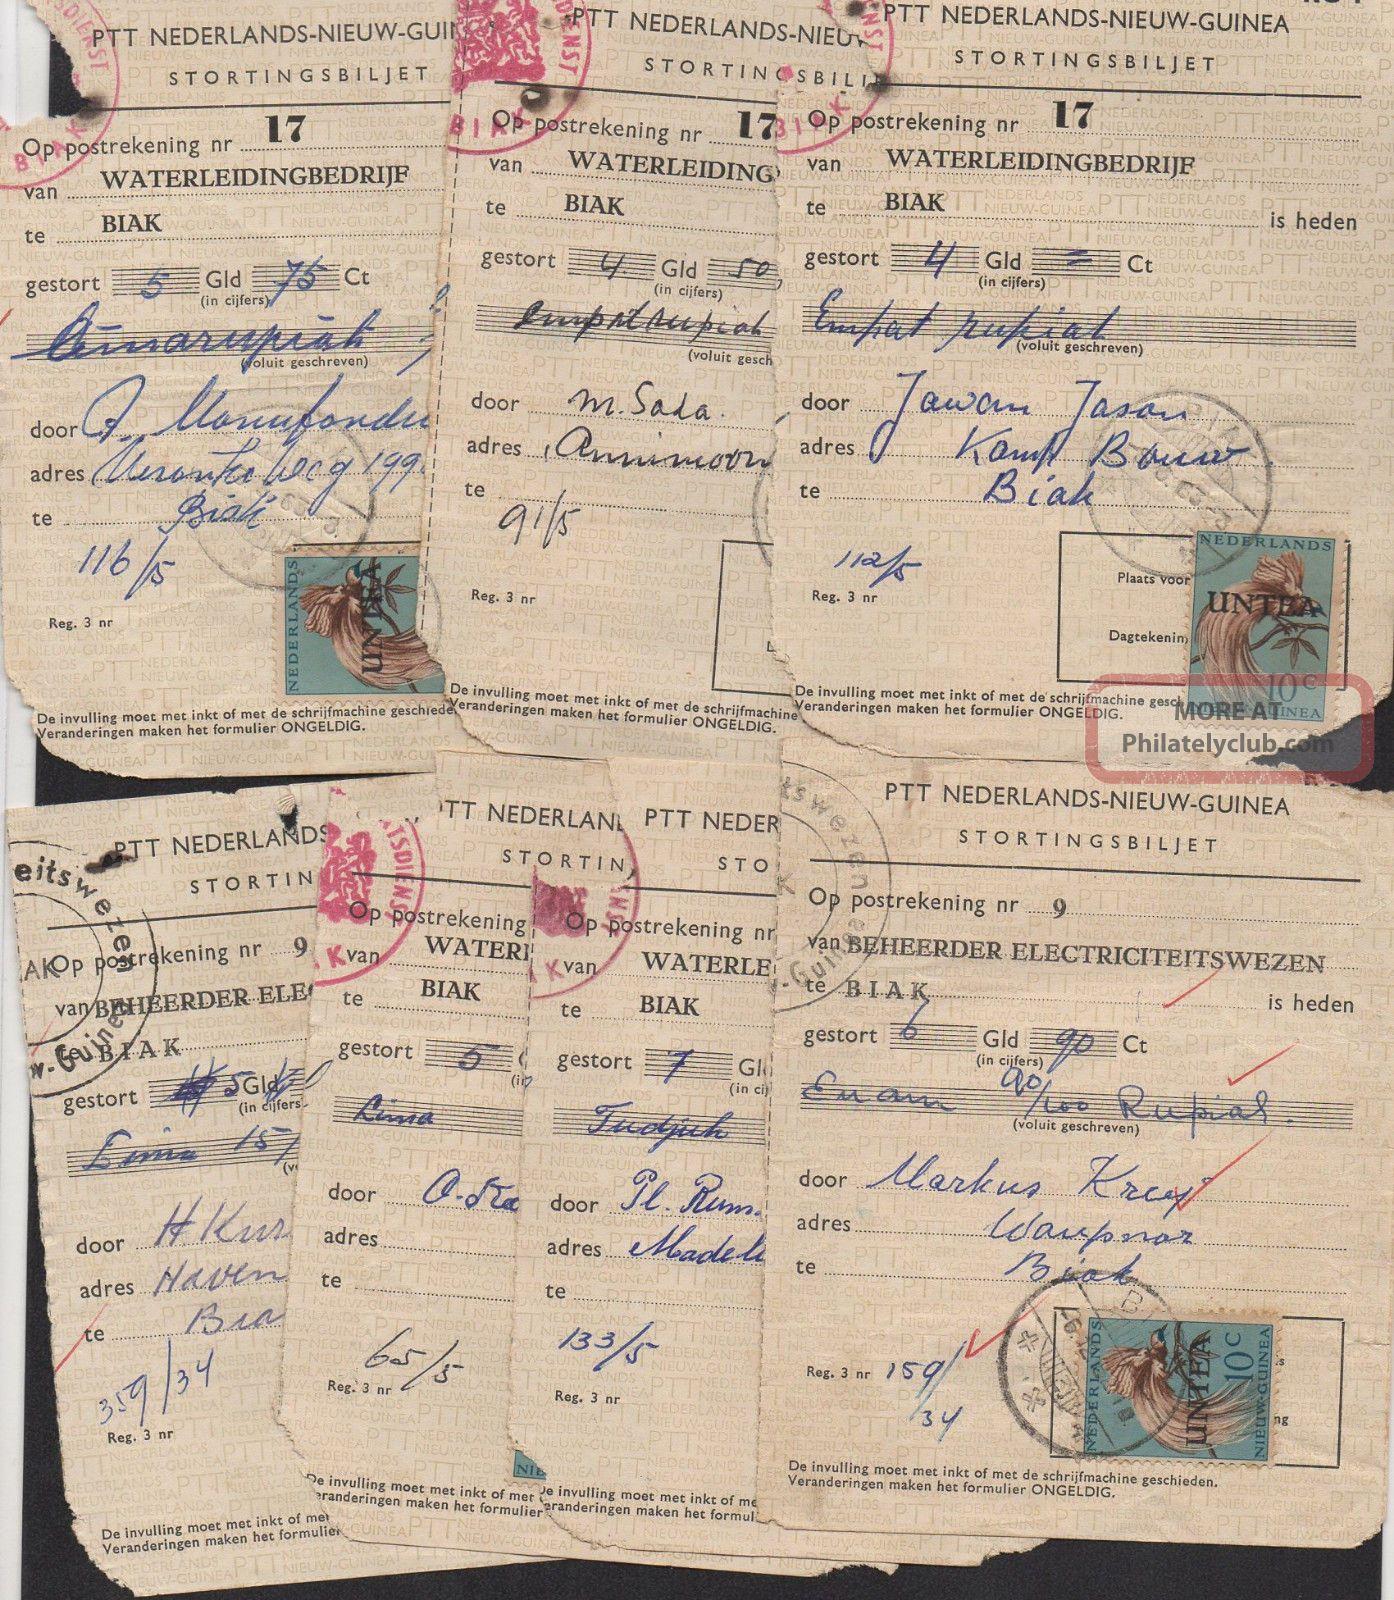 Nederlands Nieuw Guinea West Irian Indonesia Untea Stortingsbiljet 1963 & 1966 Europe photo